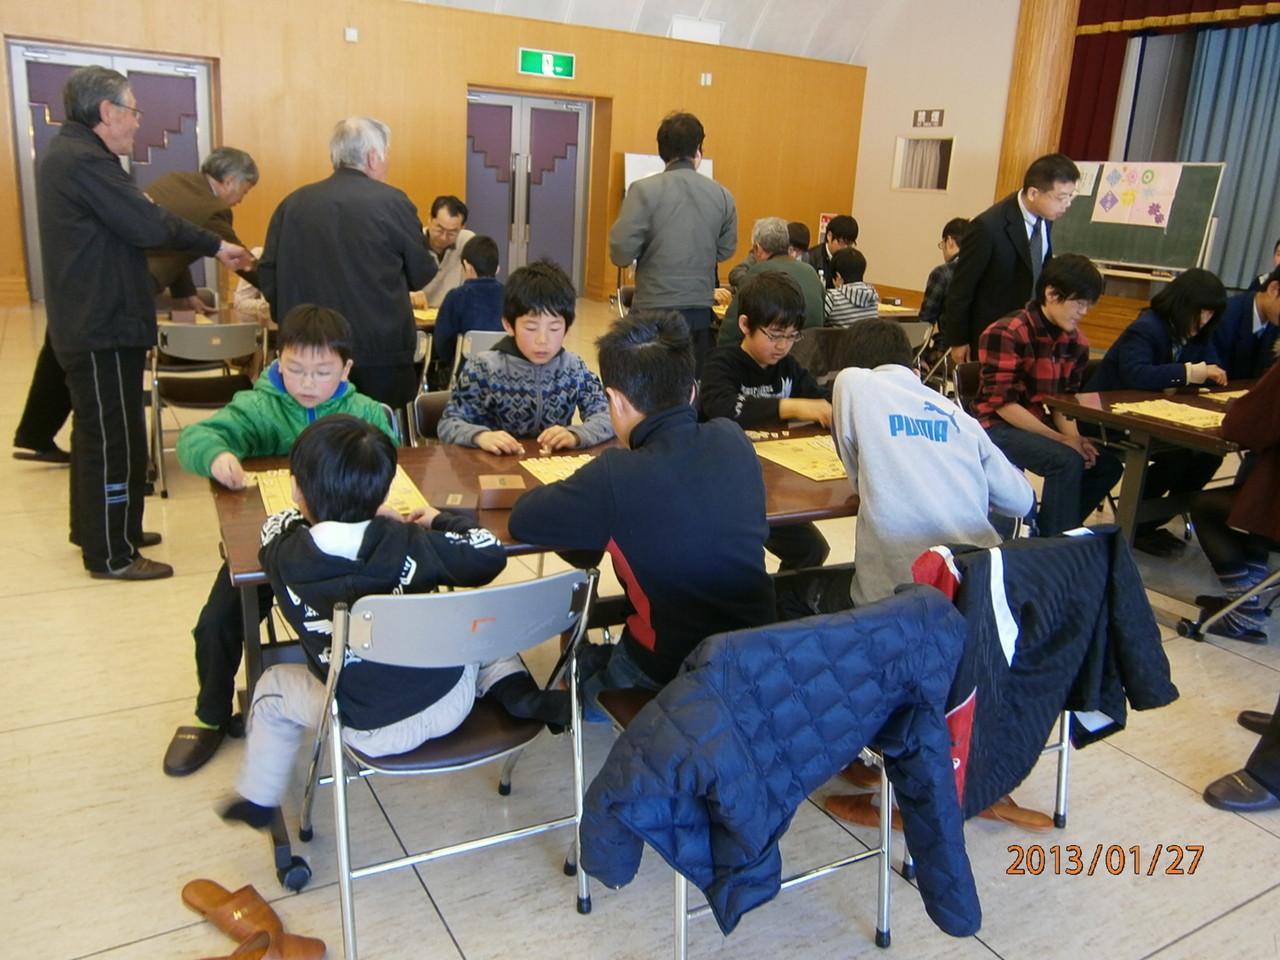 はじめての大会がうれしくて楽しくて。こうやって将棋を好きになってくれる子って多いんですよね。